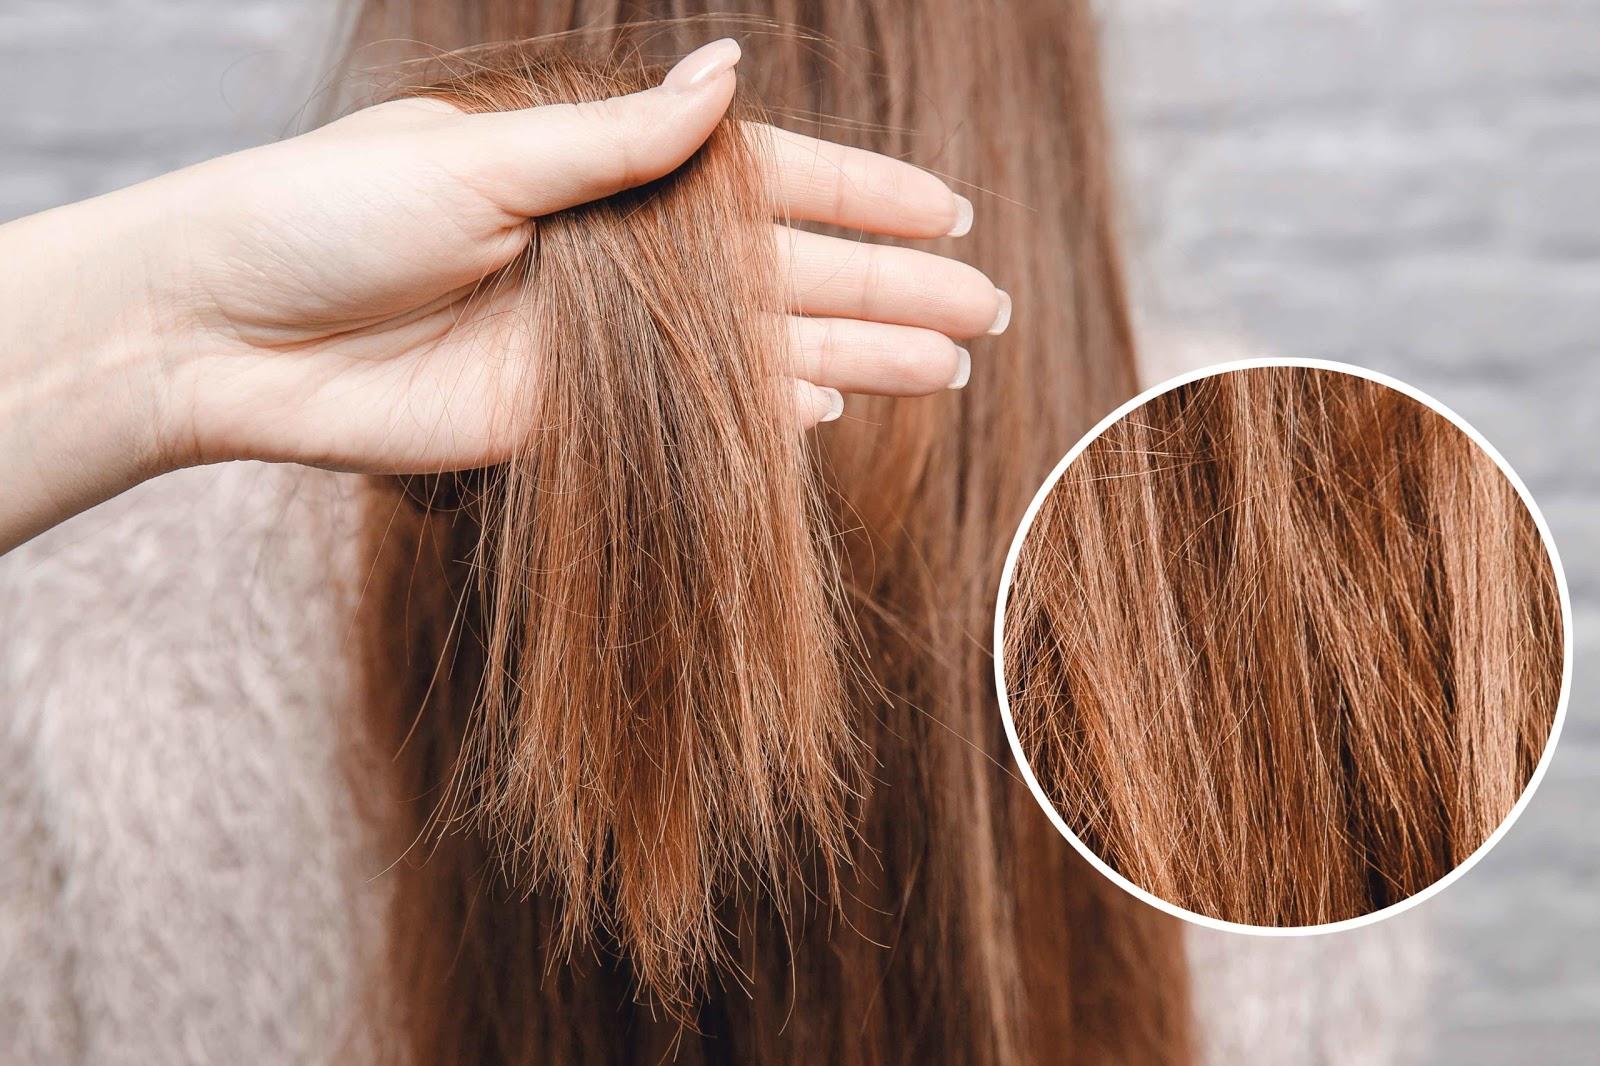 Cách phục hồi tóc xơ hiệu quả tại nhà dễ như trở bàn tay - Tóc giả LUXY